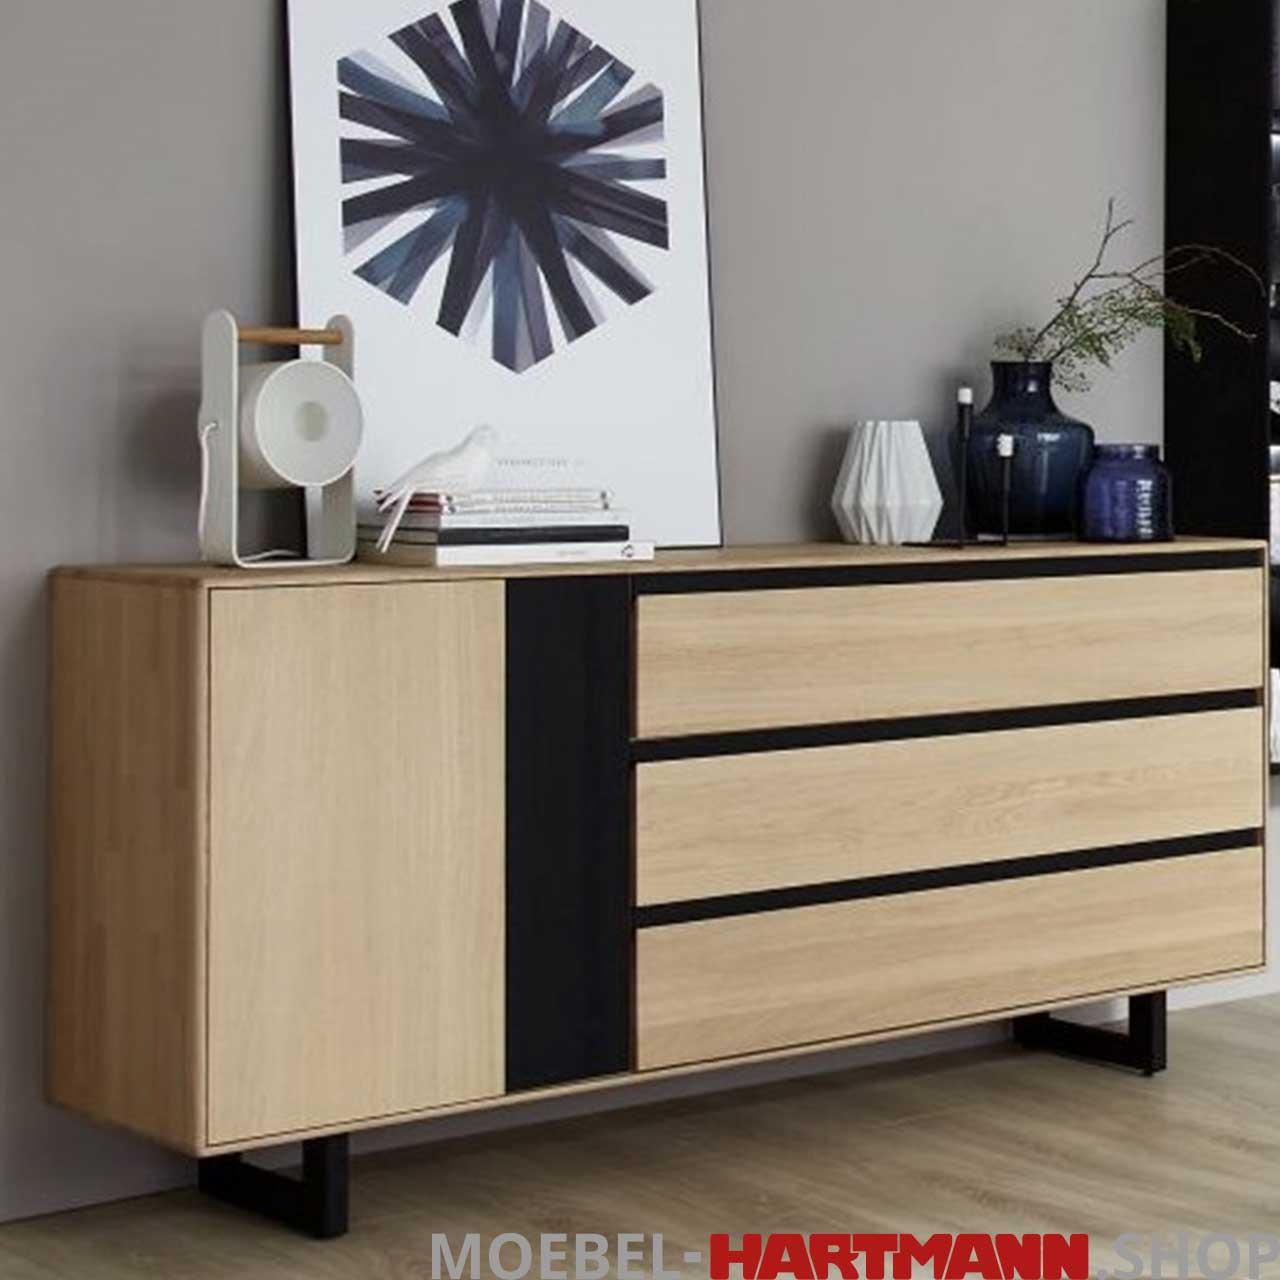 Hartmann Schöner Wohnen Kollektion Craft 9150 - Sideboard